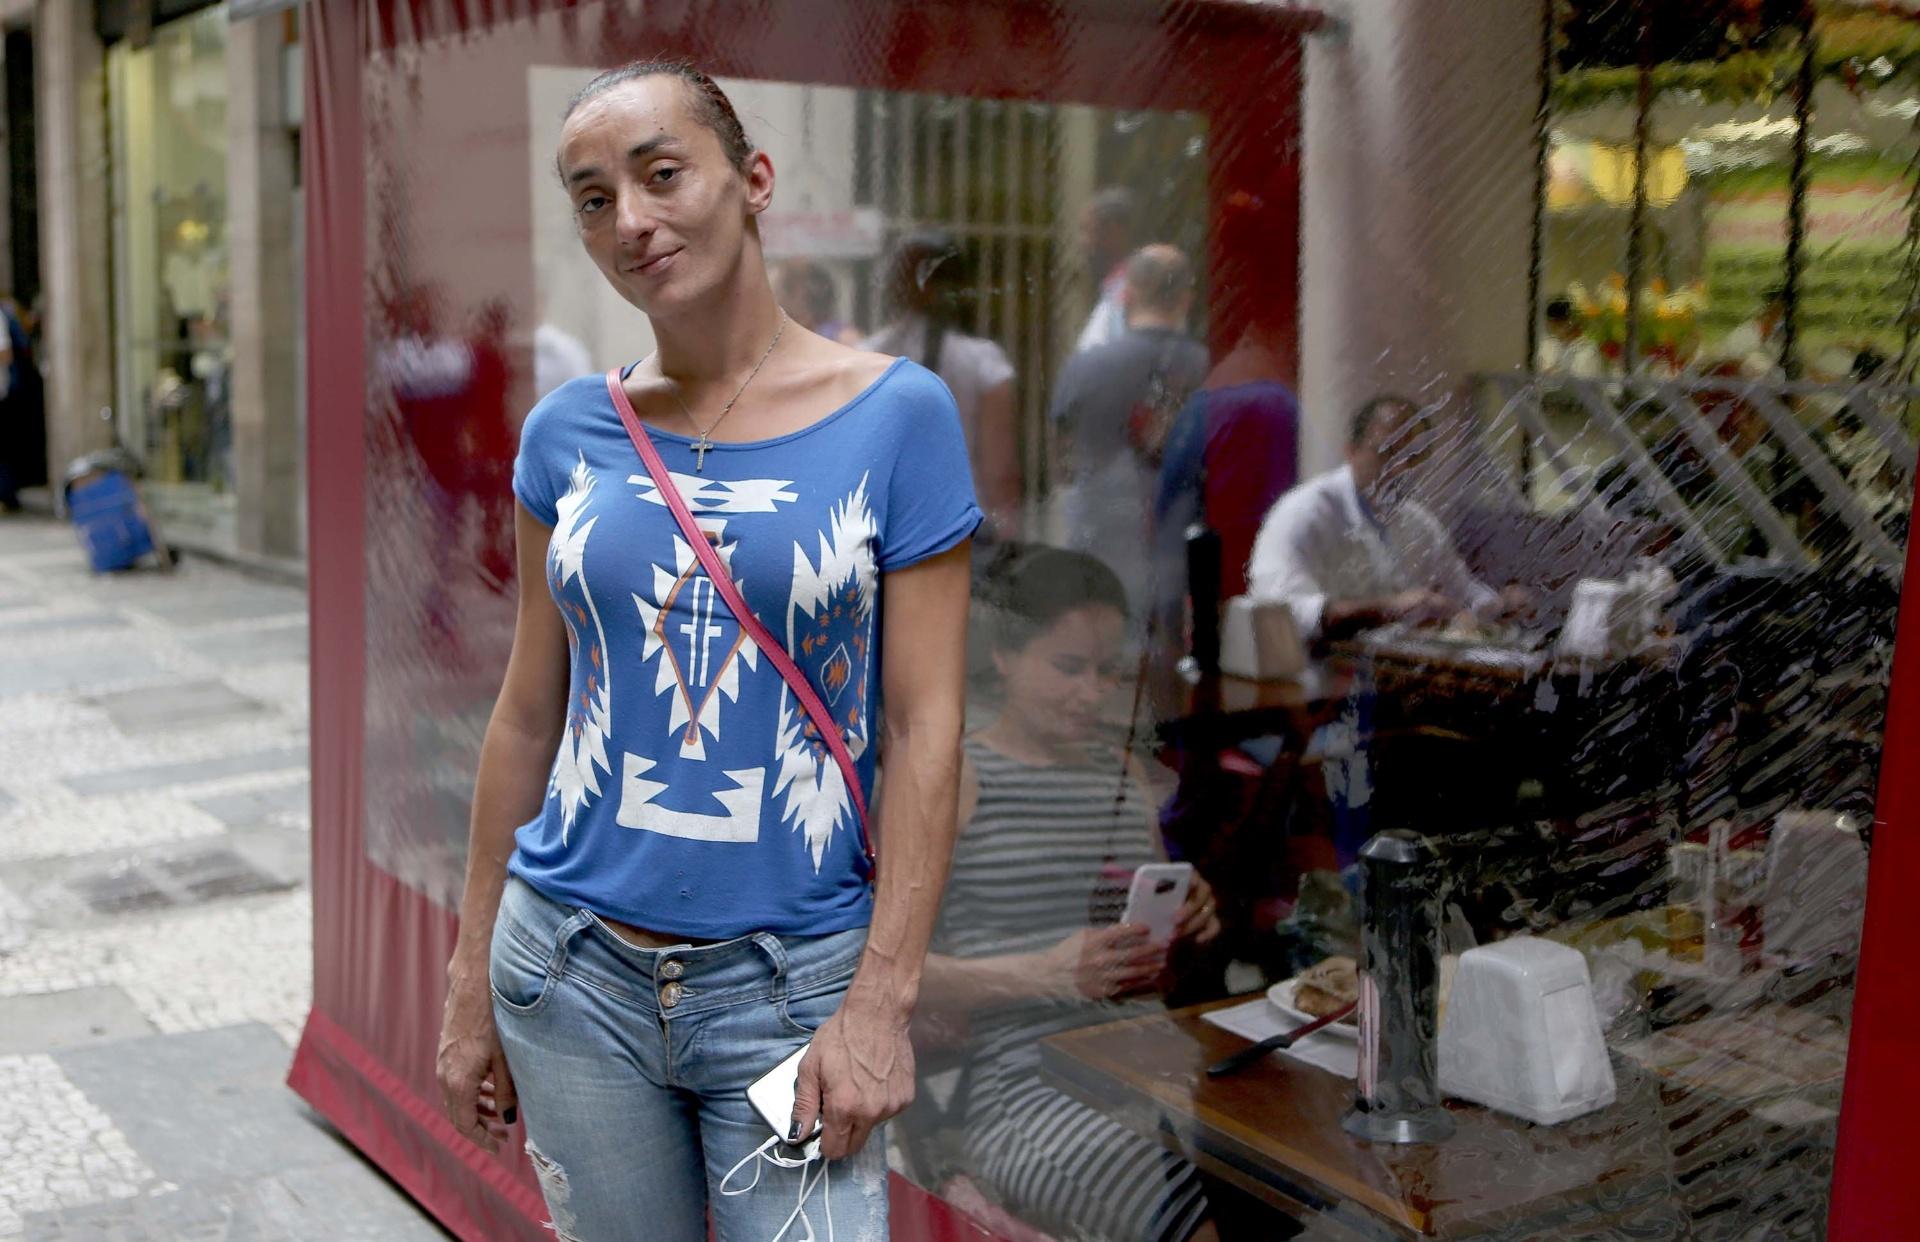 9.dez.2016 - A trans Adryelly Venturelly, 35, participou de ação judicial conjunta para retificar o nome no registro civil, na Defensoria Pública do Estado de São Paulo, na capital paulista. Ela já entregou os documentos